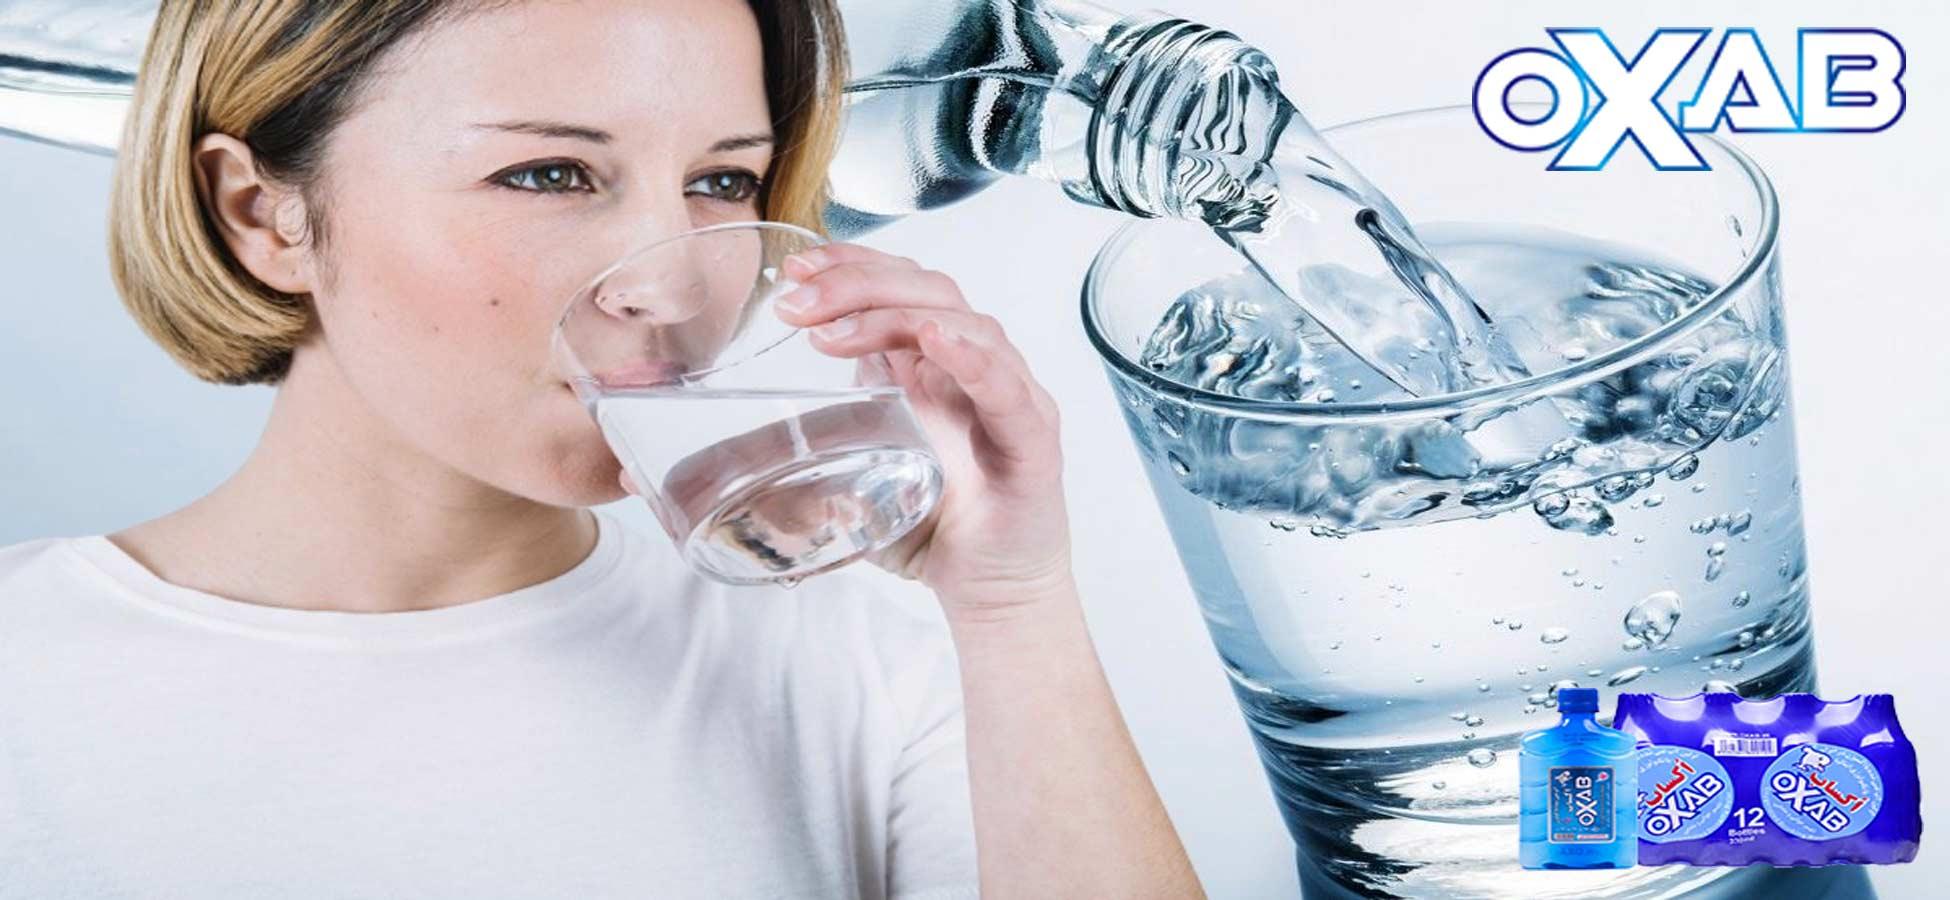 آیا به دستگاه تصفیه آب خانگی اعتماد کنیم